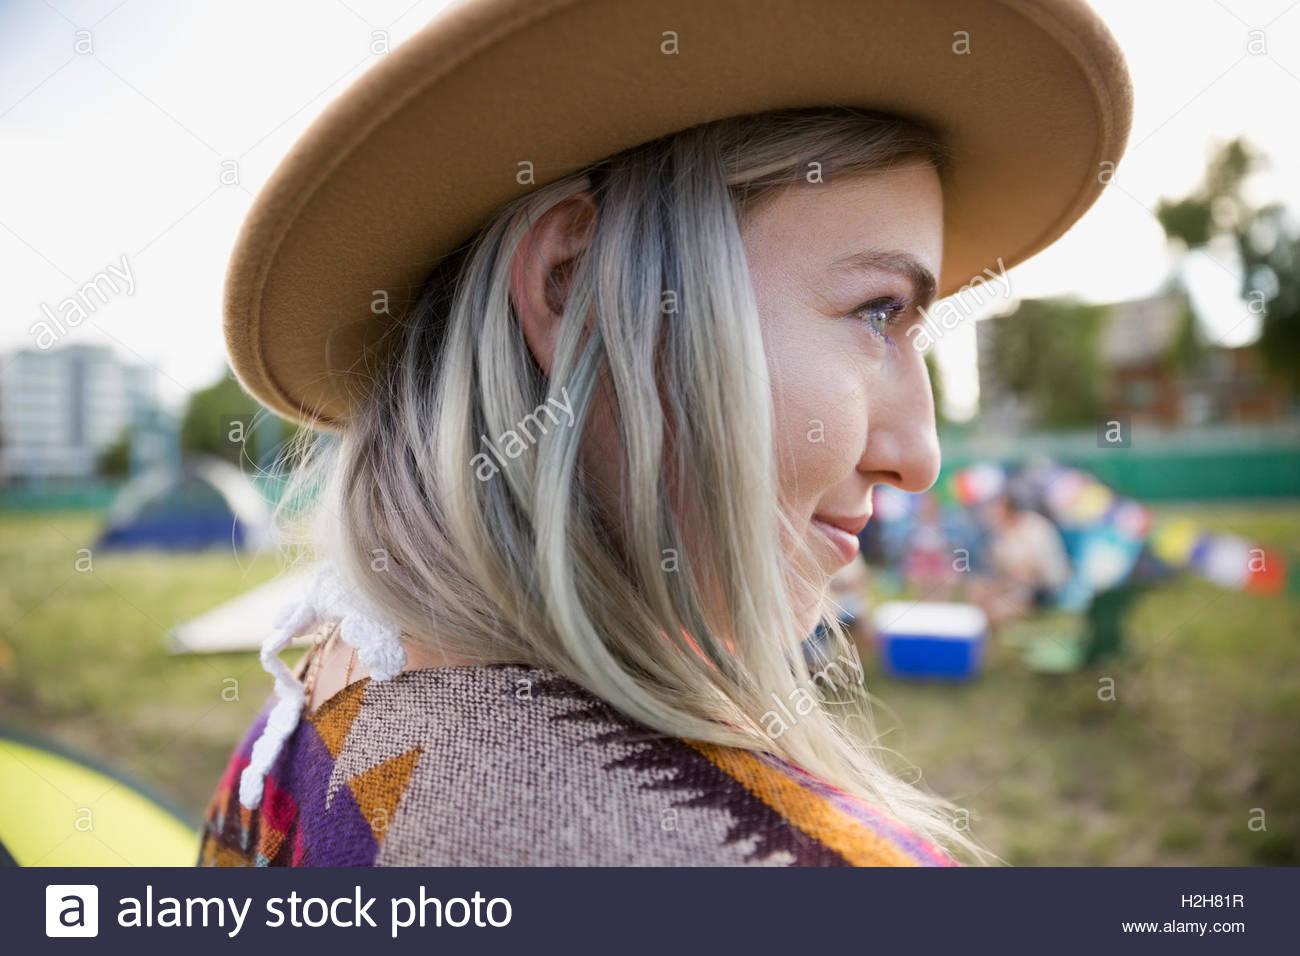 Chiudere Ritratto di giovane donna con chalk tinti i capelli indossando hat guardando lontano al festival musicale Immagini Stock